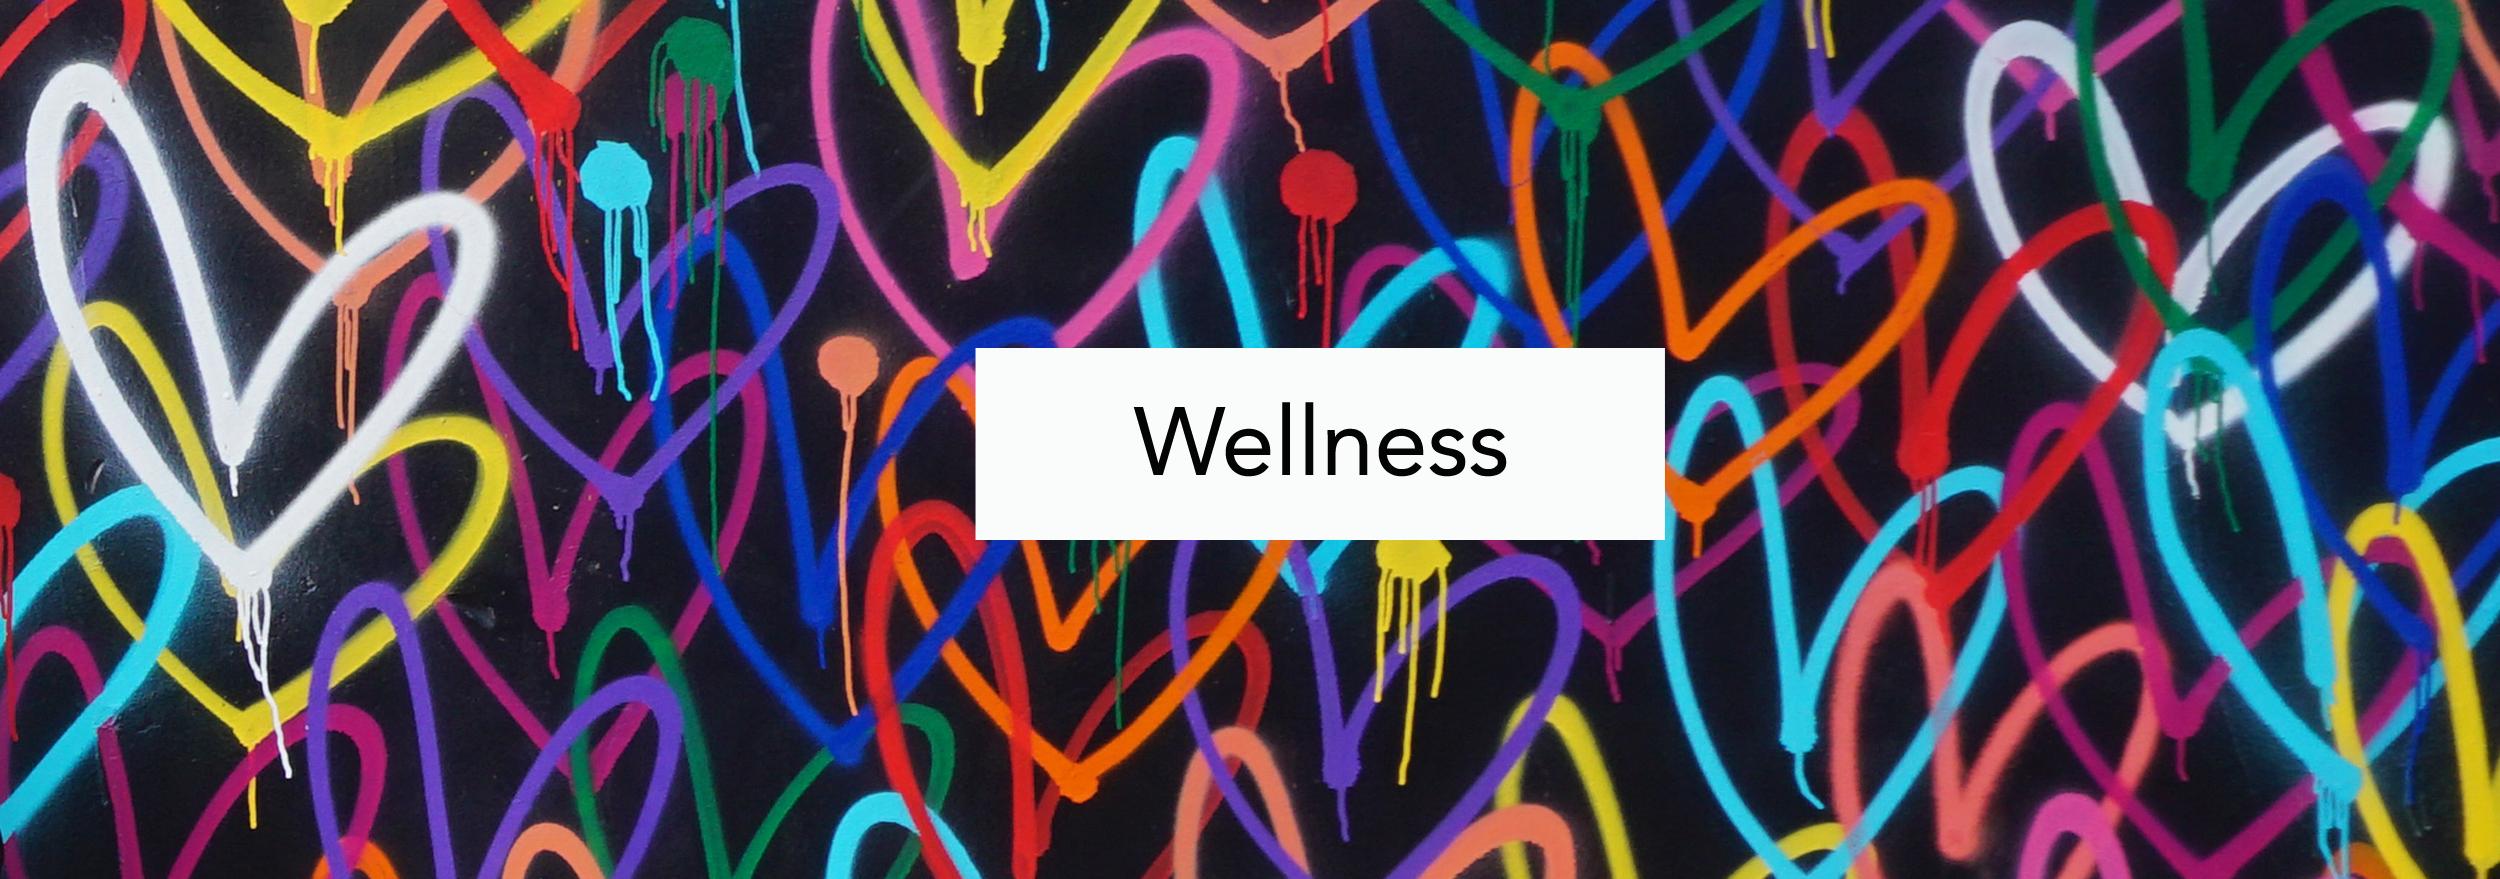 WellnessMenu.jpg